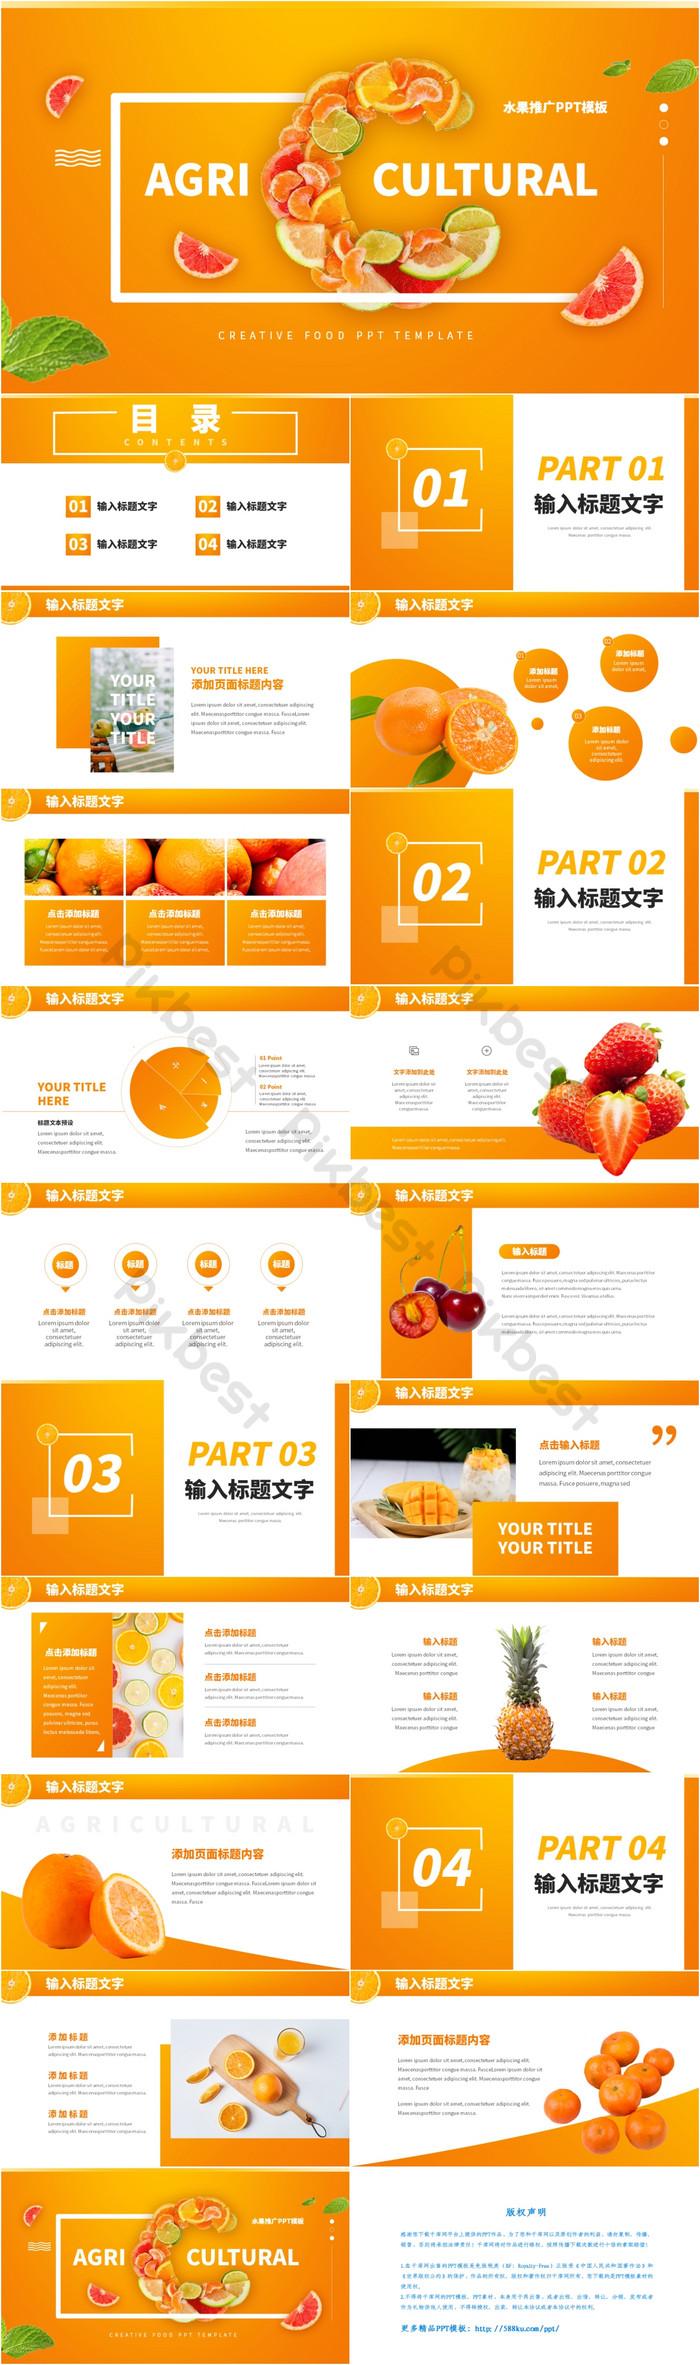 cam ppt hiển thị mẫu trái cây tươi